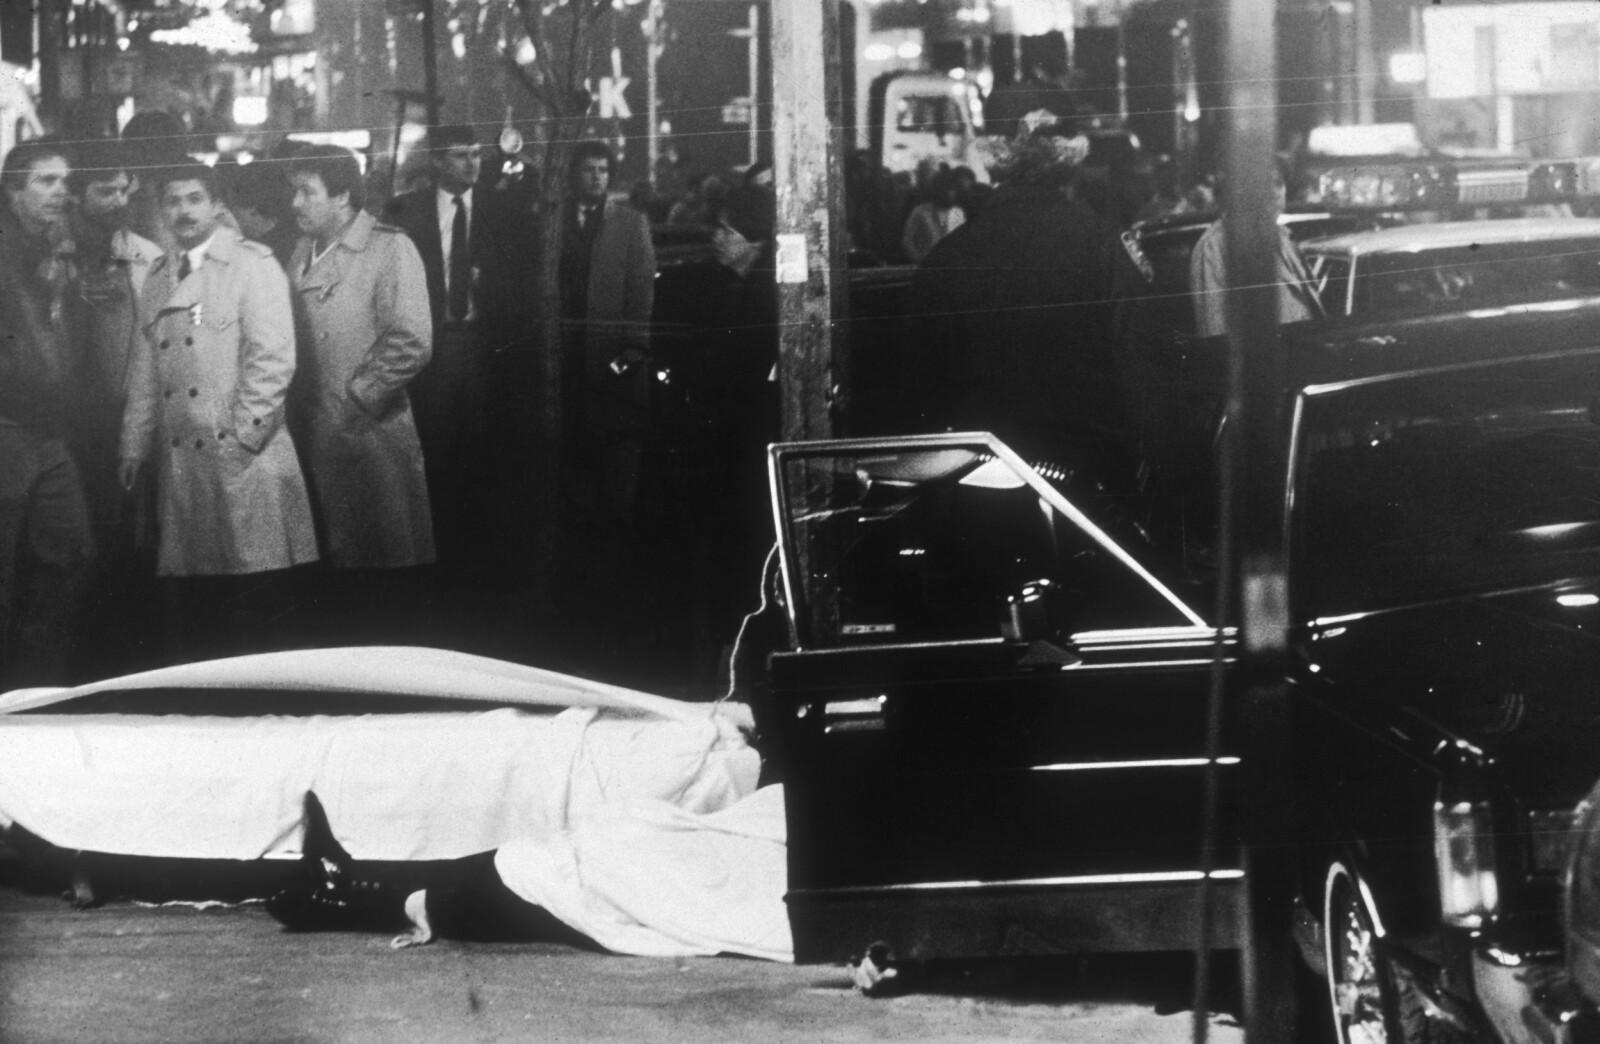 FAMILIETRØBBEL: Mafiafamiliene i New York hadde blodige feider seg imellom og innad. I 1985 ble Gambino-gudfaren Paul Castellano skutt og drept av John Gotti som tok over som Gambino-boss.